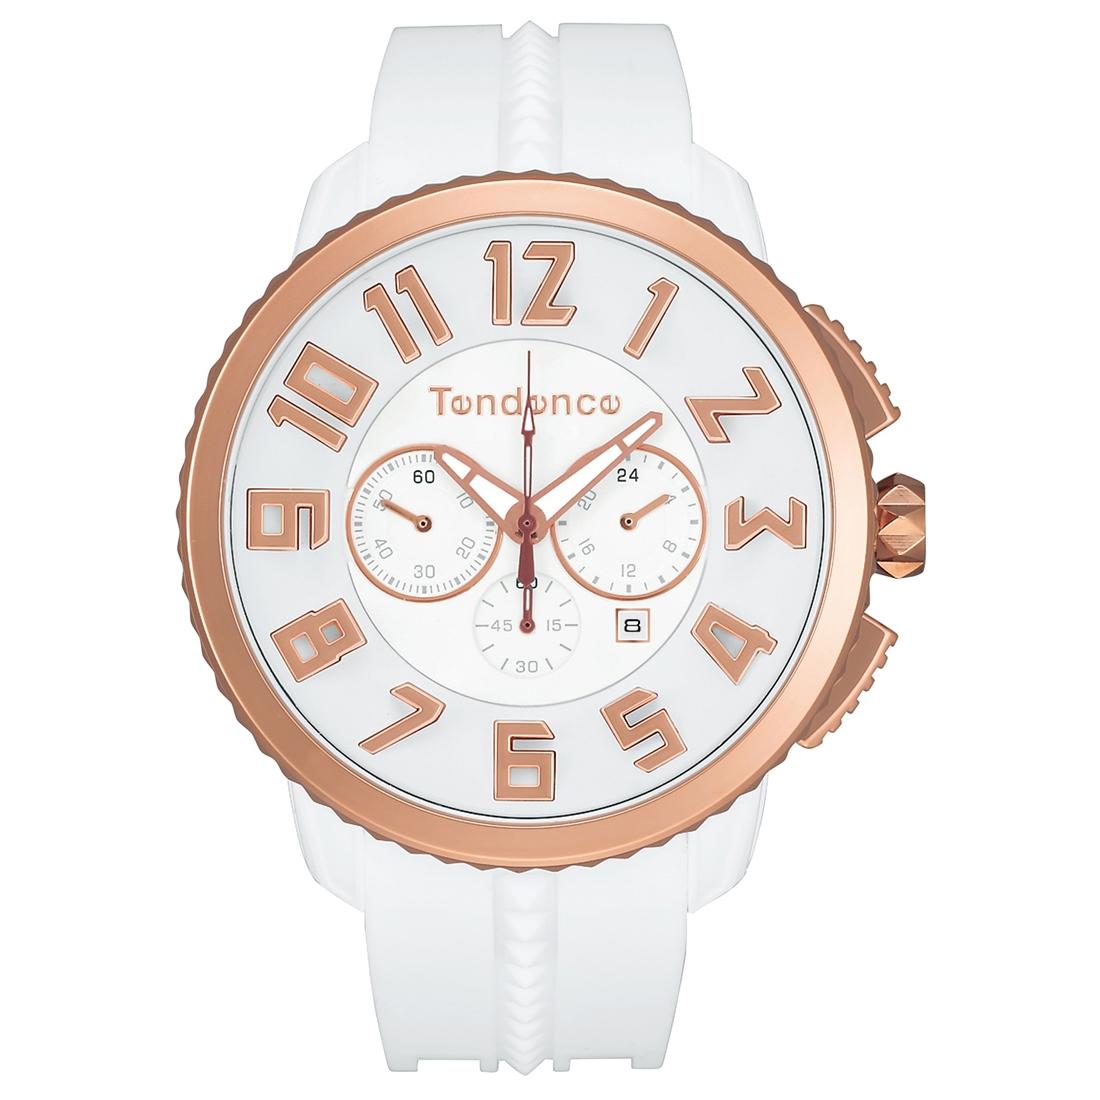 【今ならオーバーサイズノートプレゼント】 テンデンス Tendence TY460015 ガリバー 47 クロノグラフ 正規品 腕時計